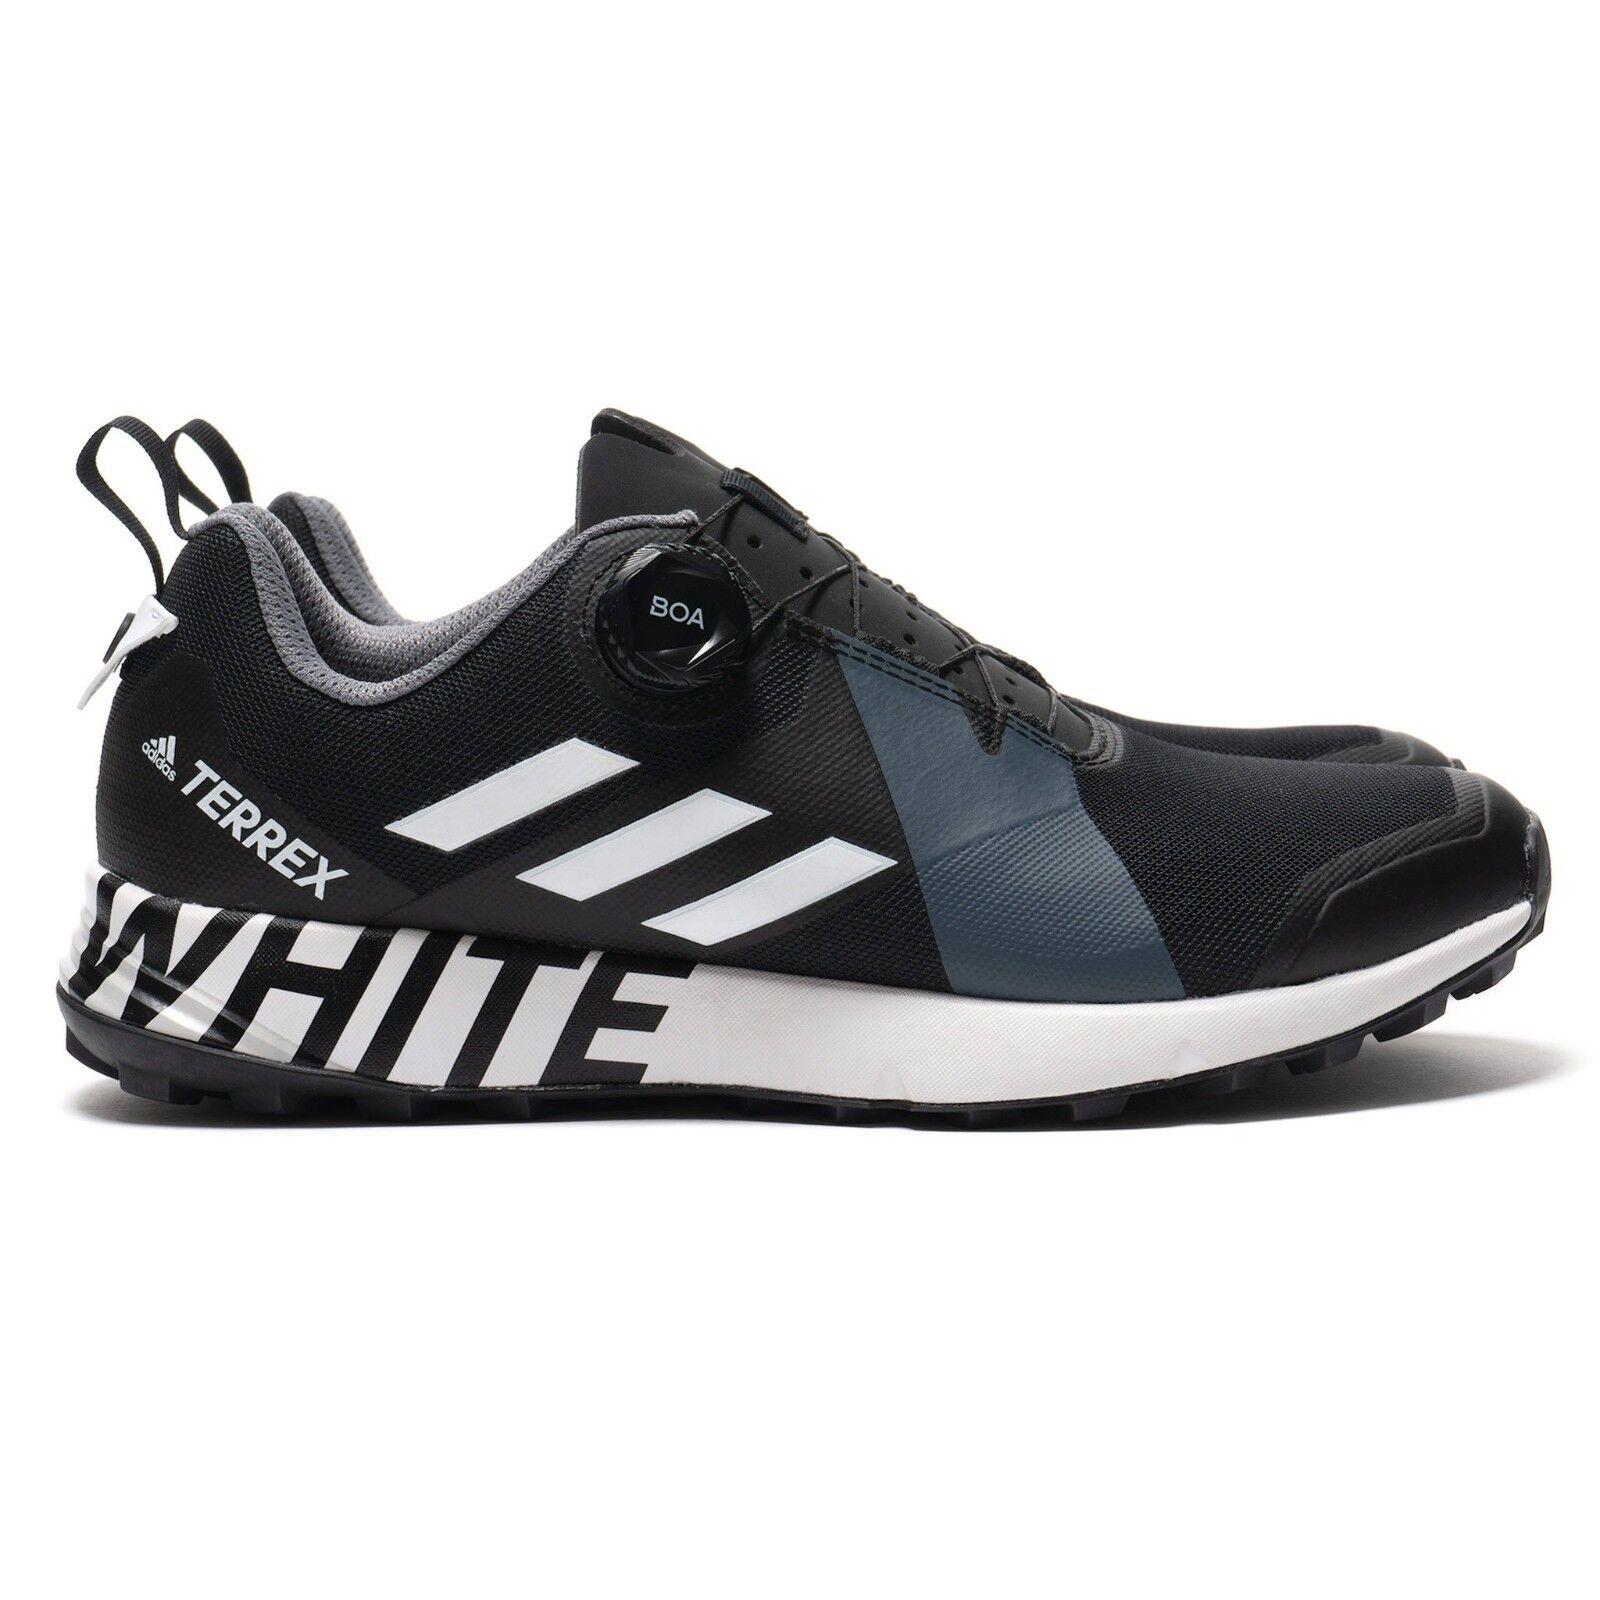 Adidas WHITE MOUNTAINEERING Terrex Two Boa WM Black/White Mens Sizes